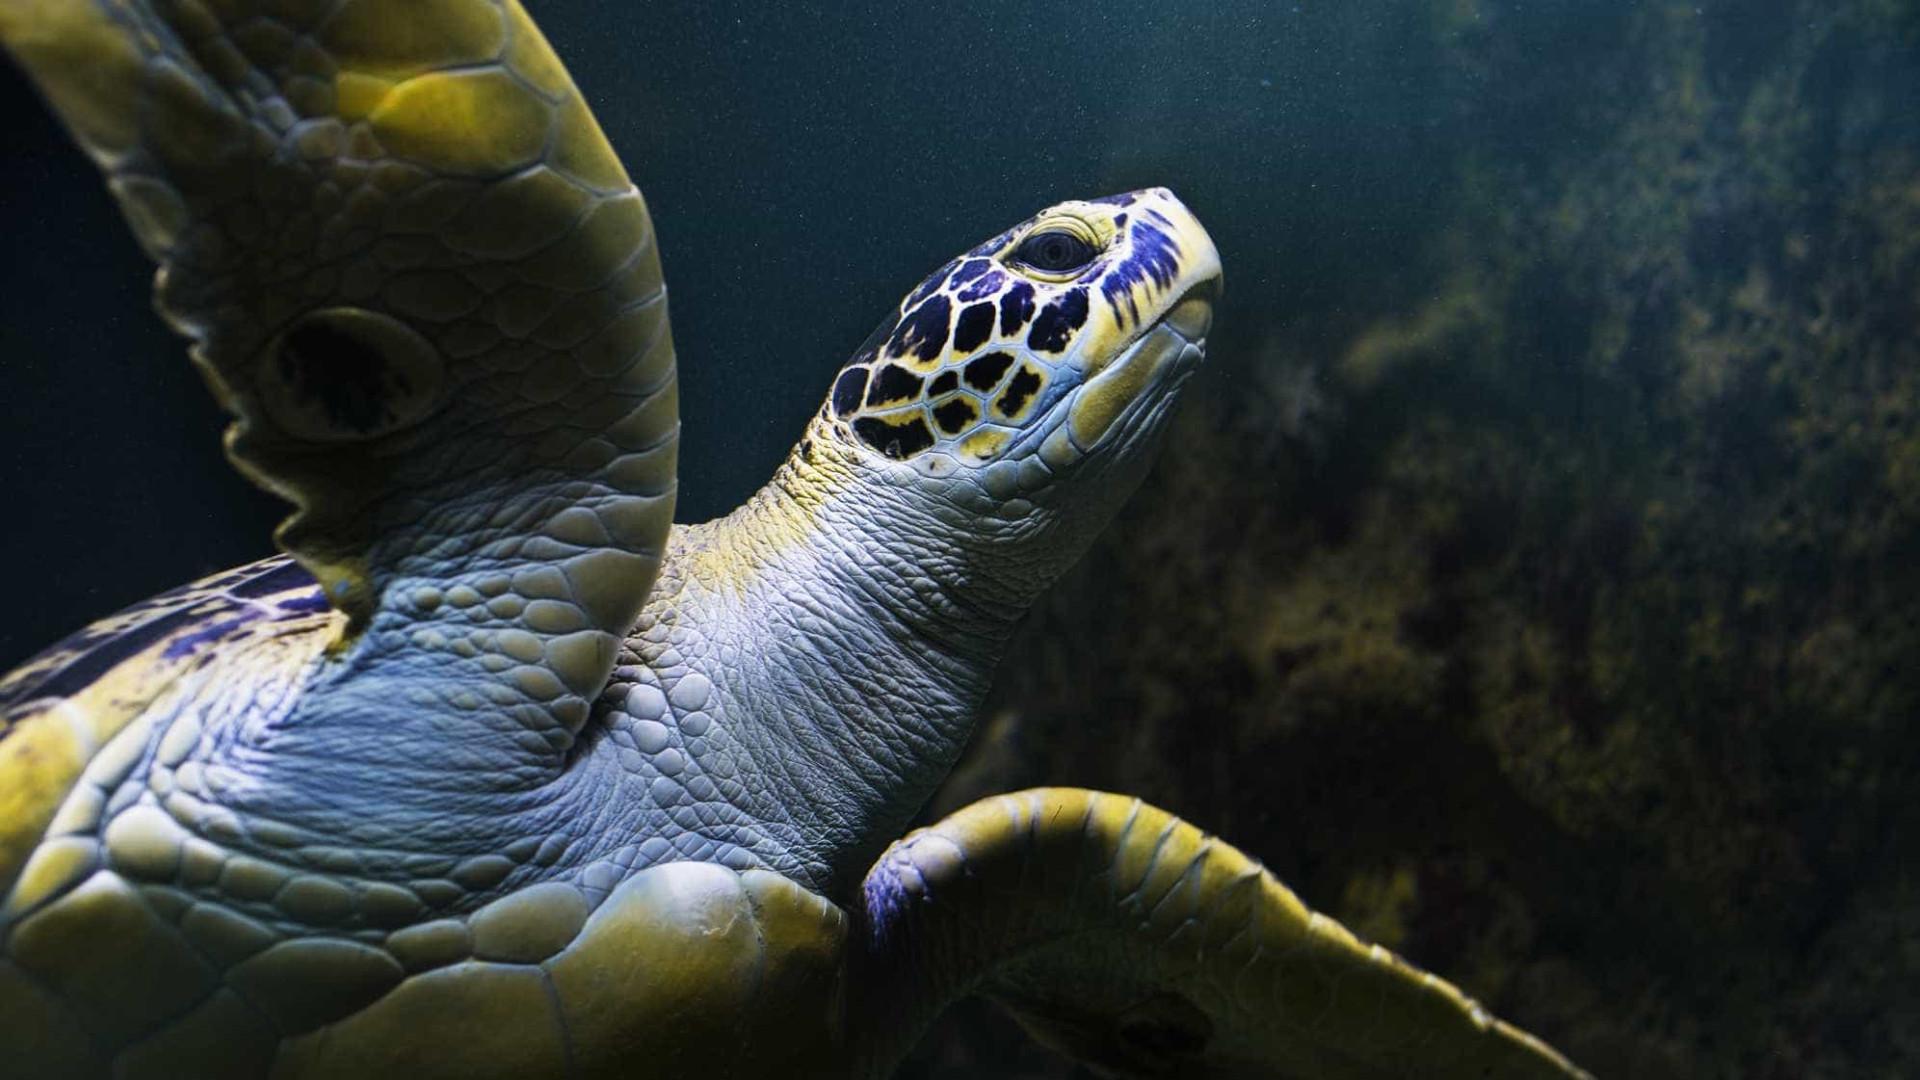 As tartarugas são quase todas fêmeas e a culpa é do aquecimento global